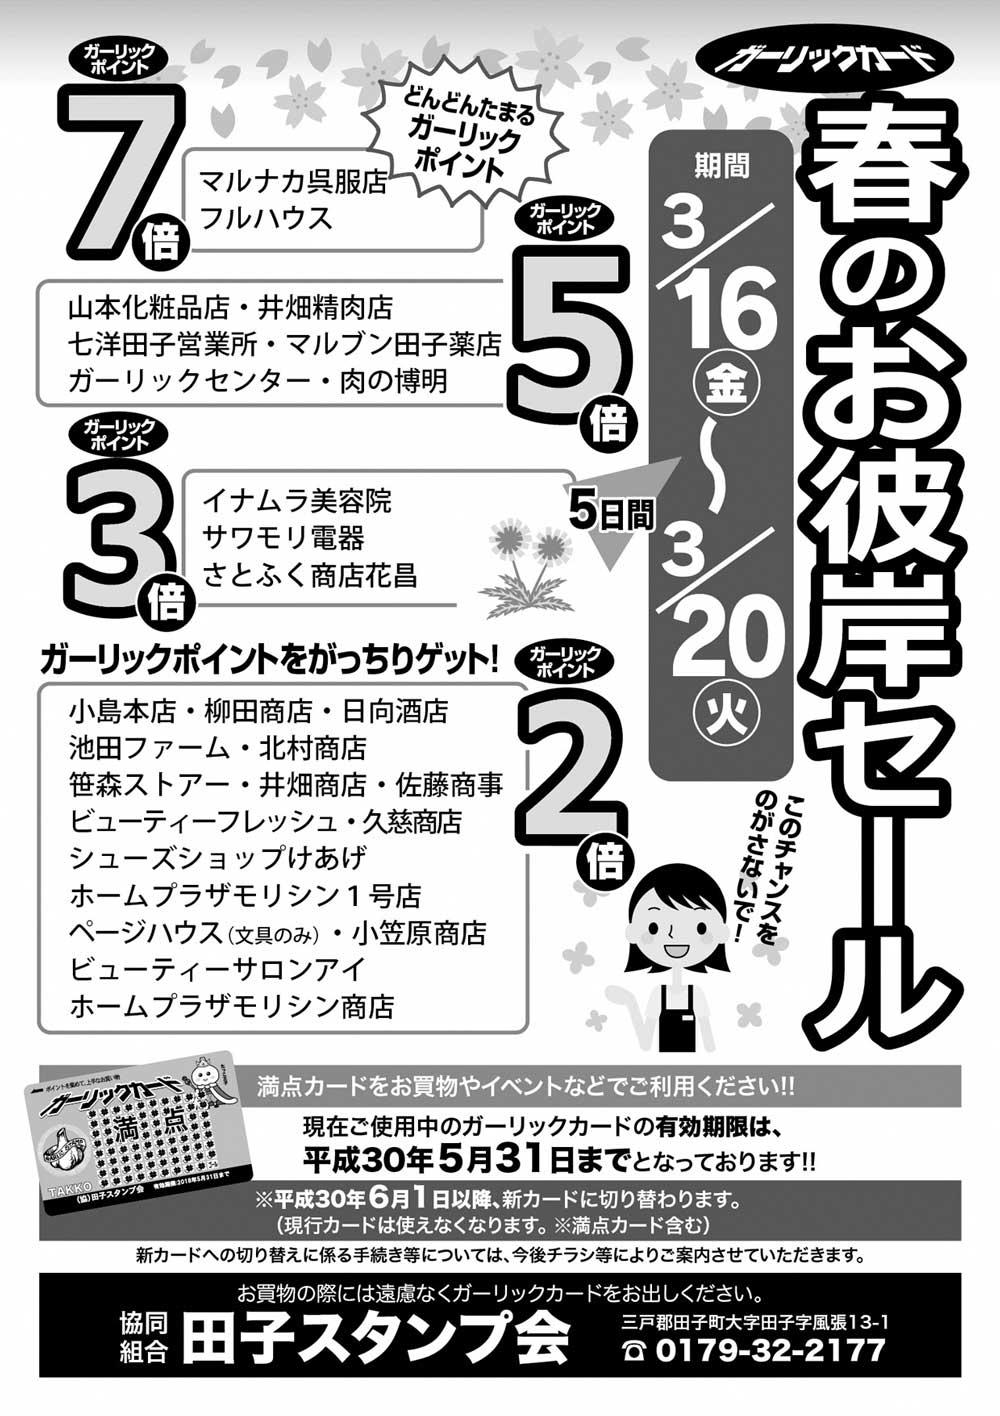 ガーリックカード 春のお彼岸セール 期間 3月16日〜3月20日